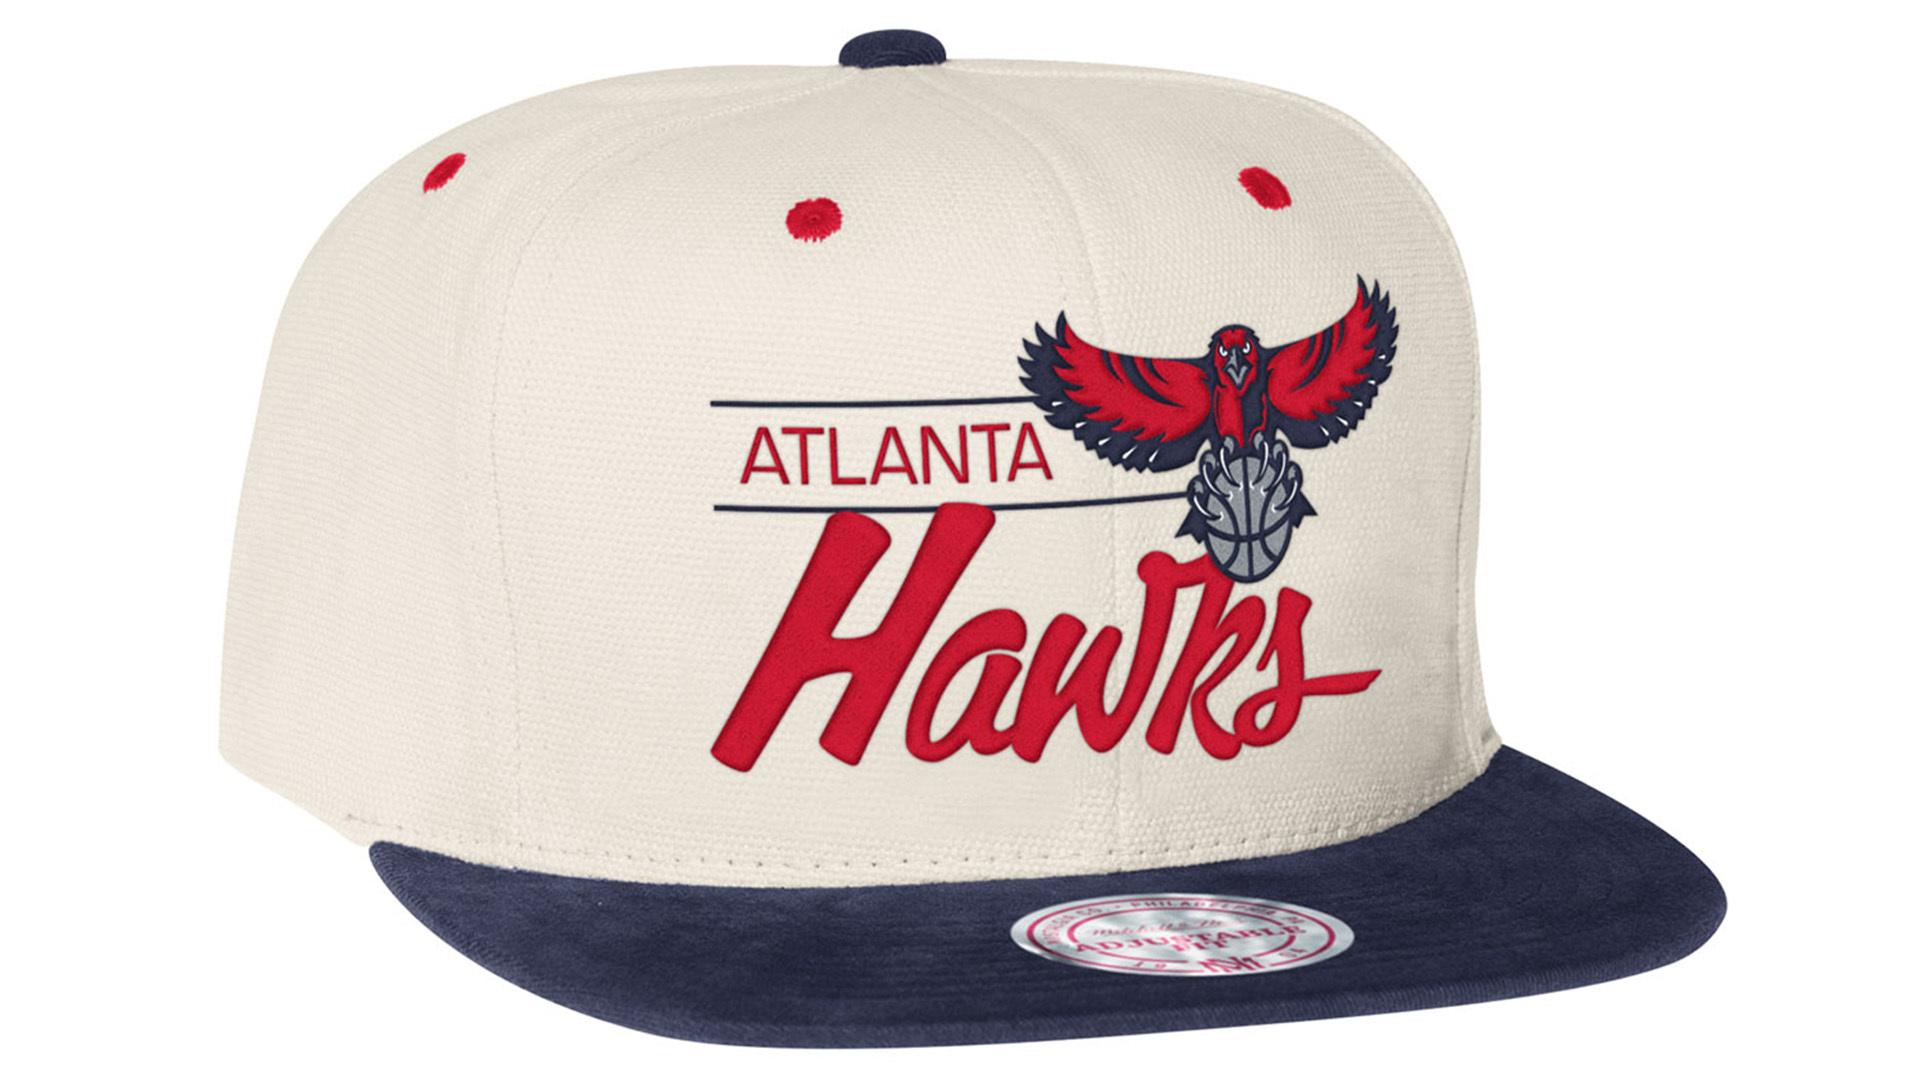 Atlanta Hawks Full Hd